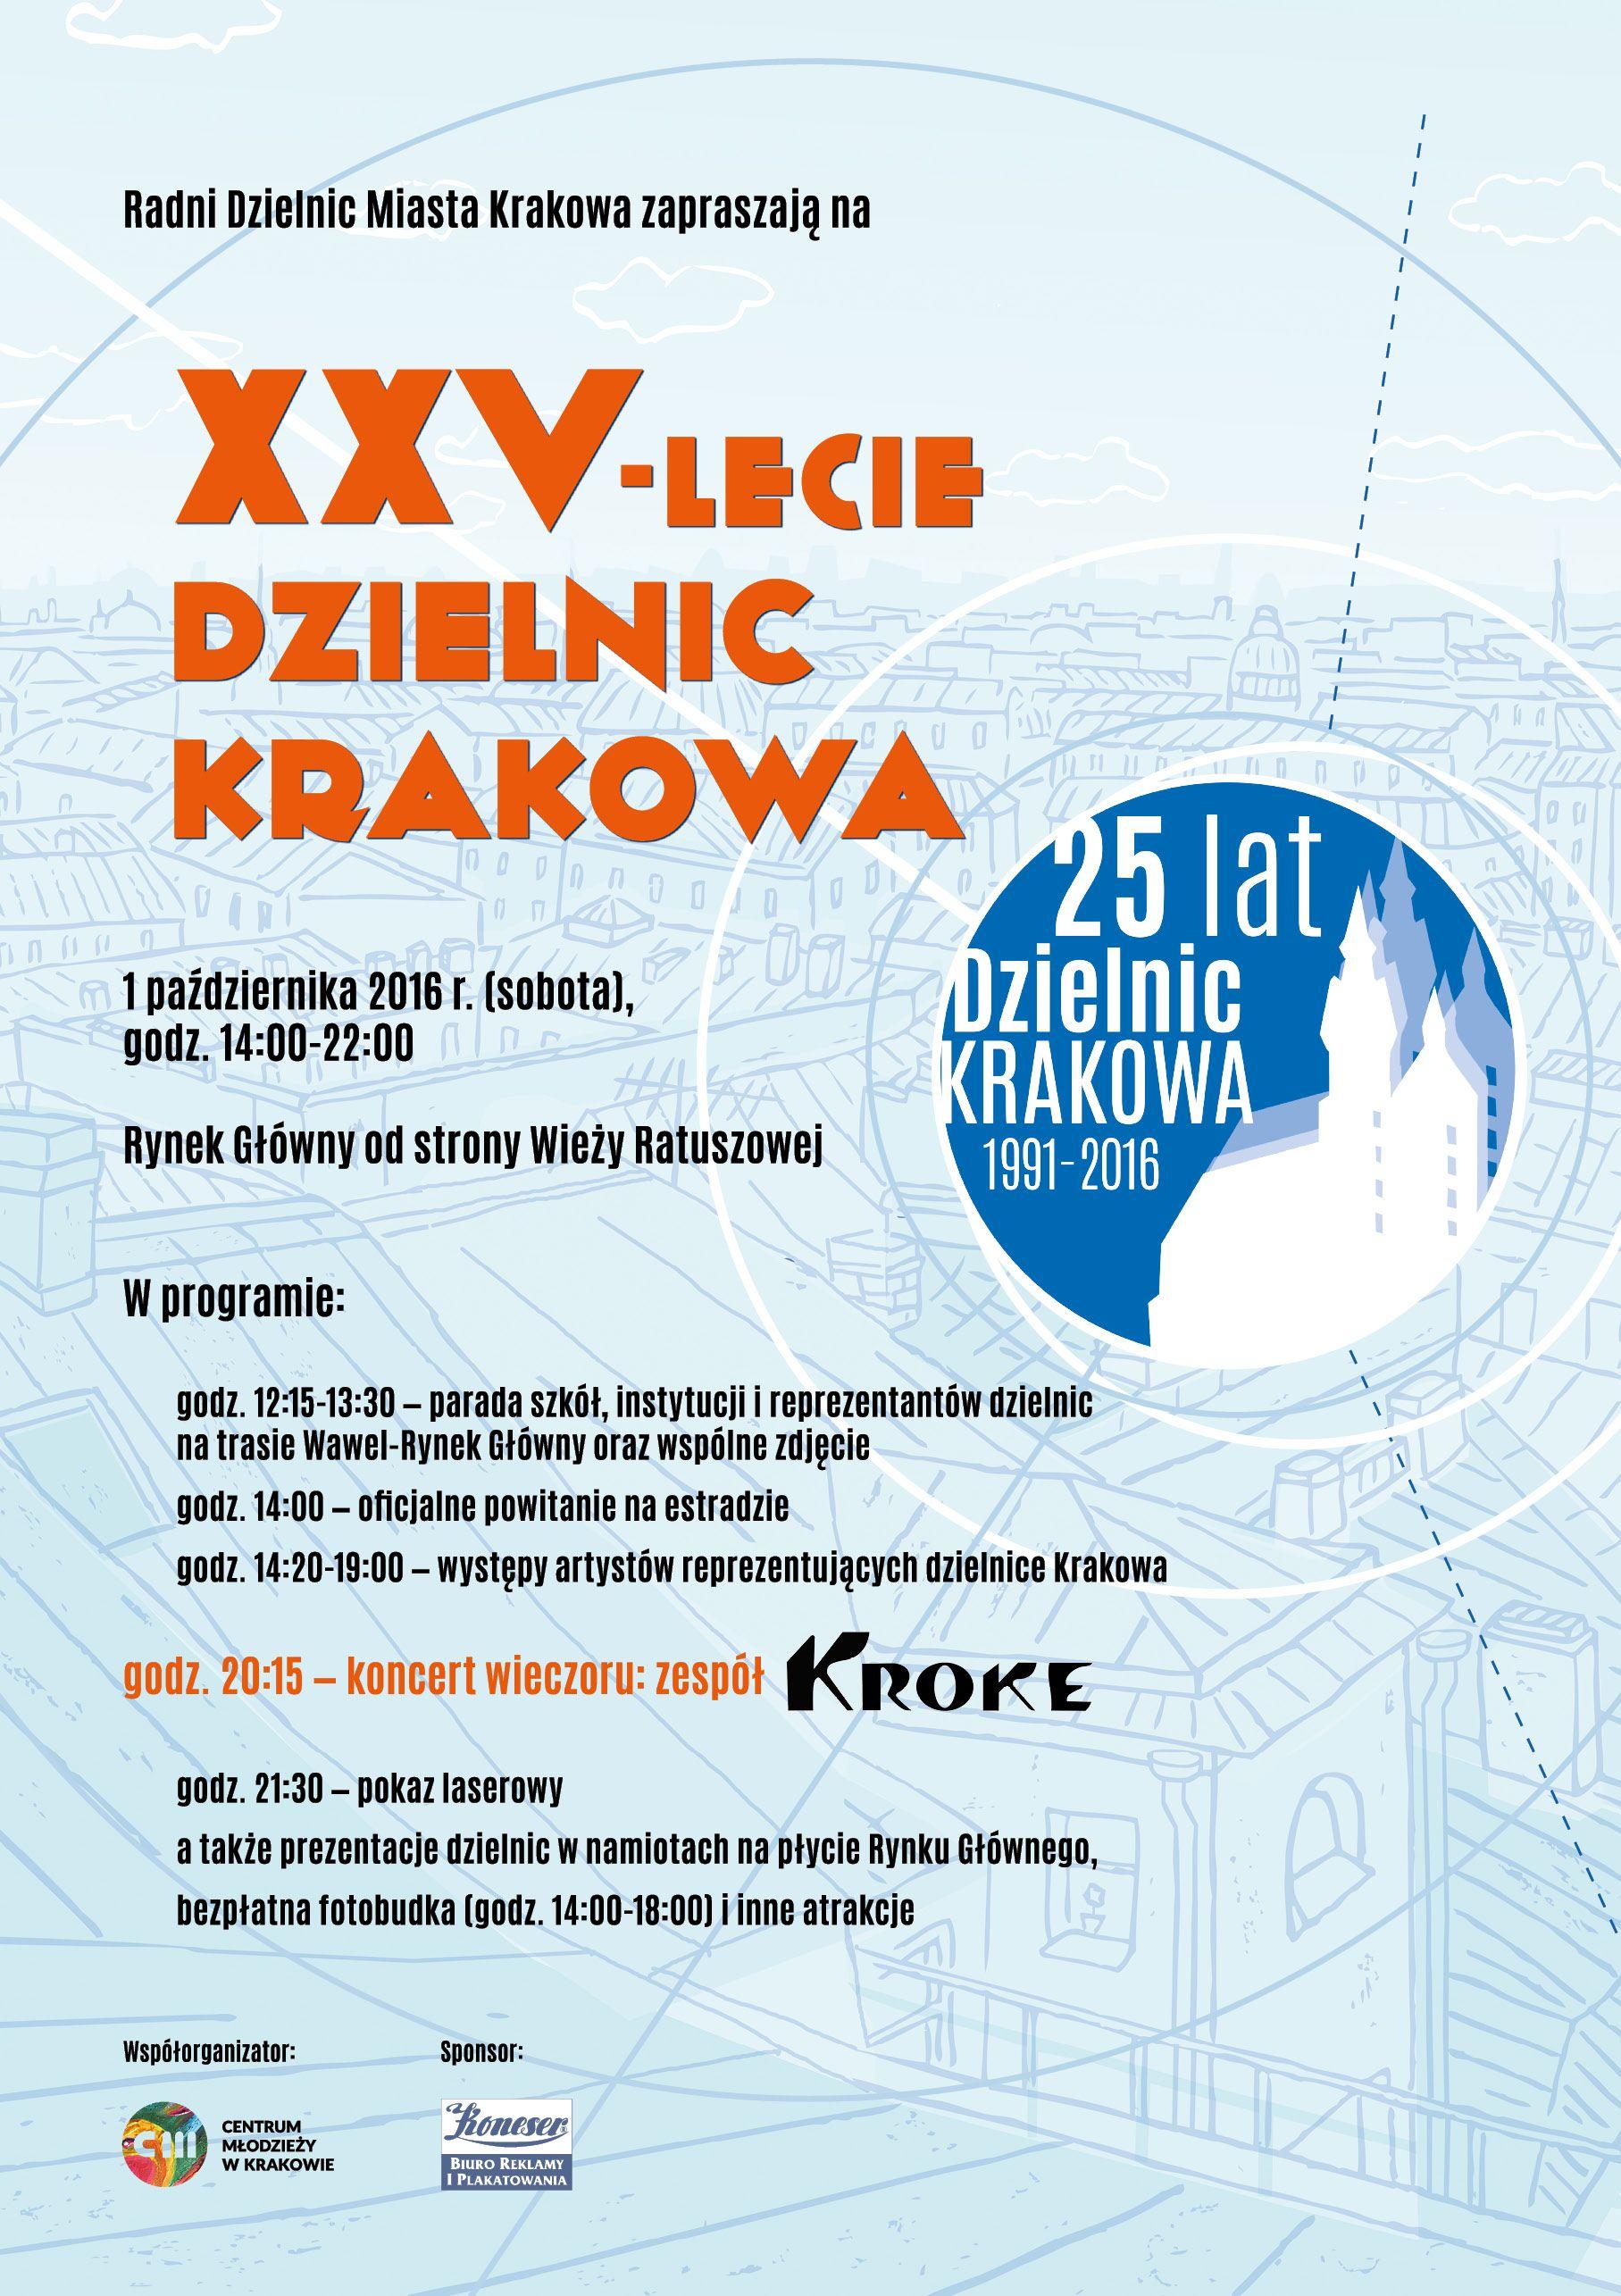 25-lecie-dzielnic-krakowa-plakat